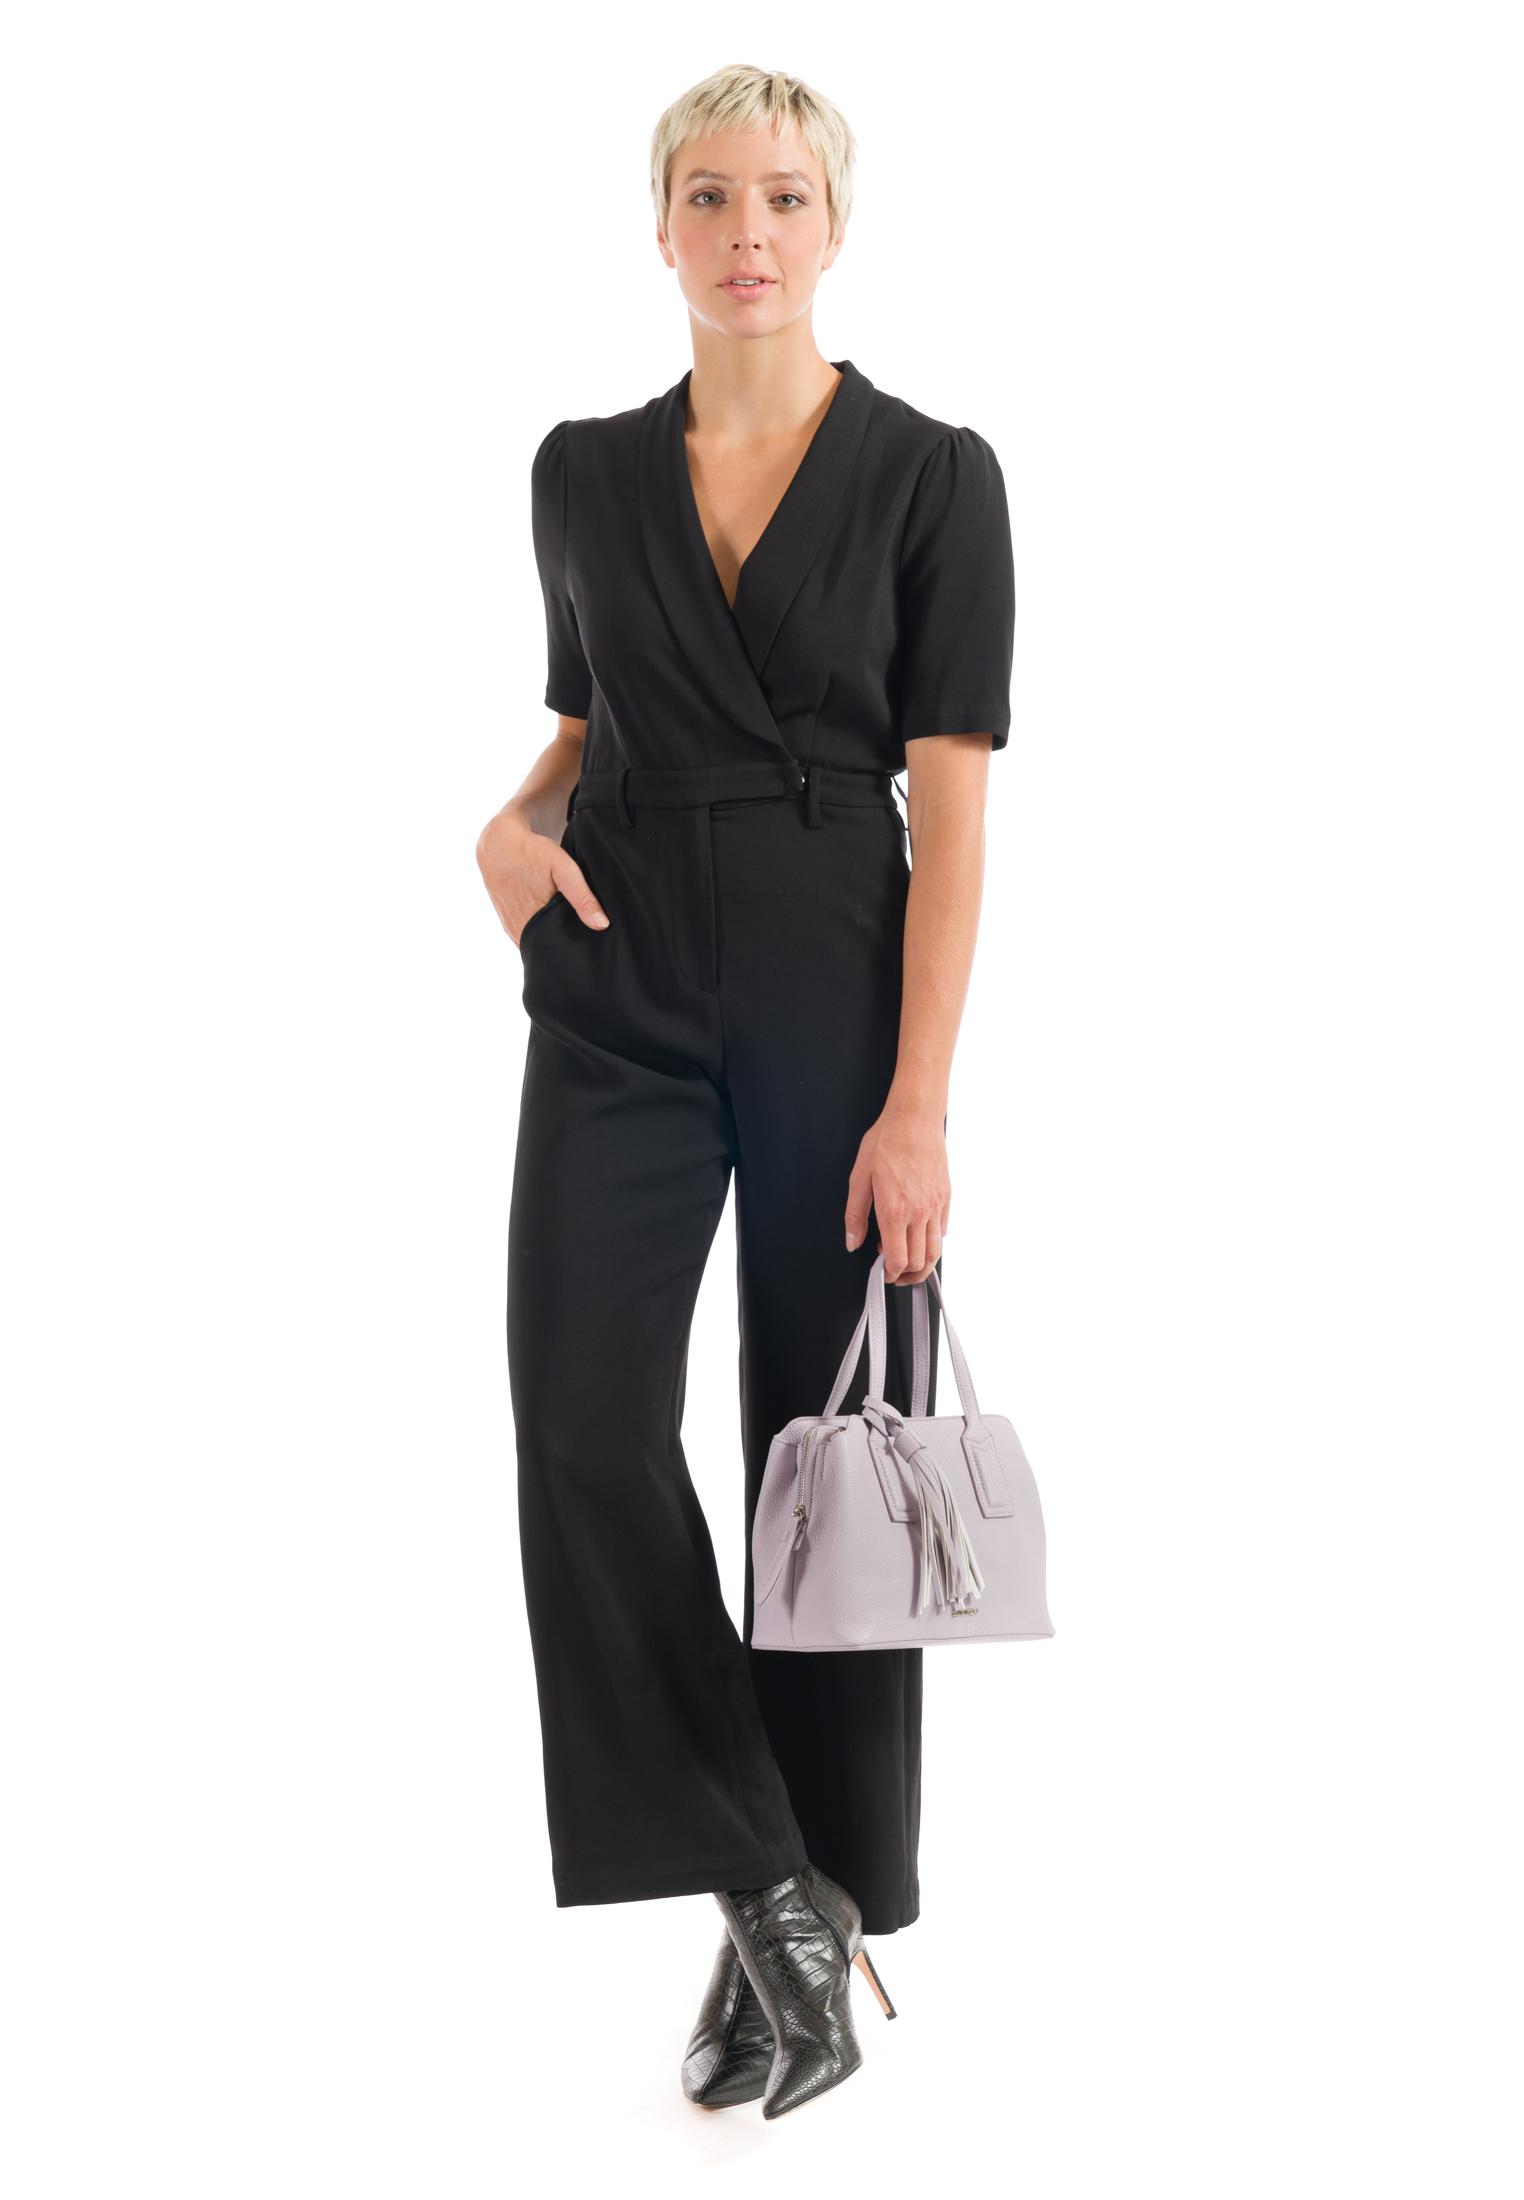 Shopper Patsy klein